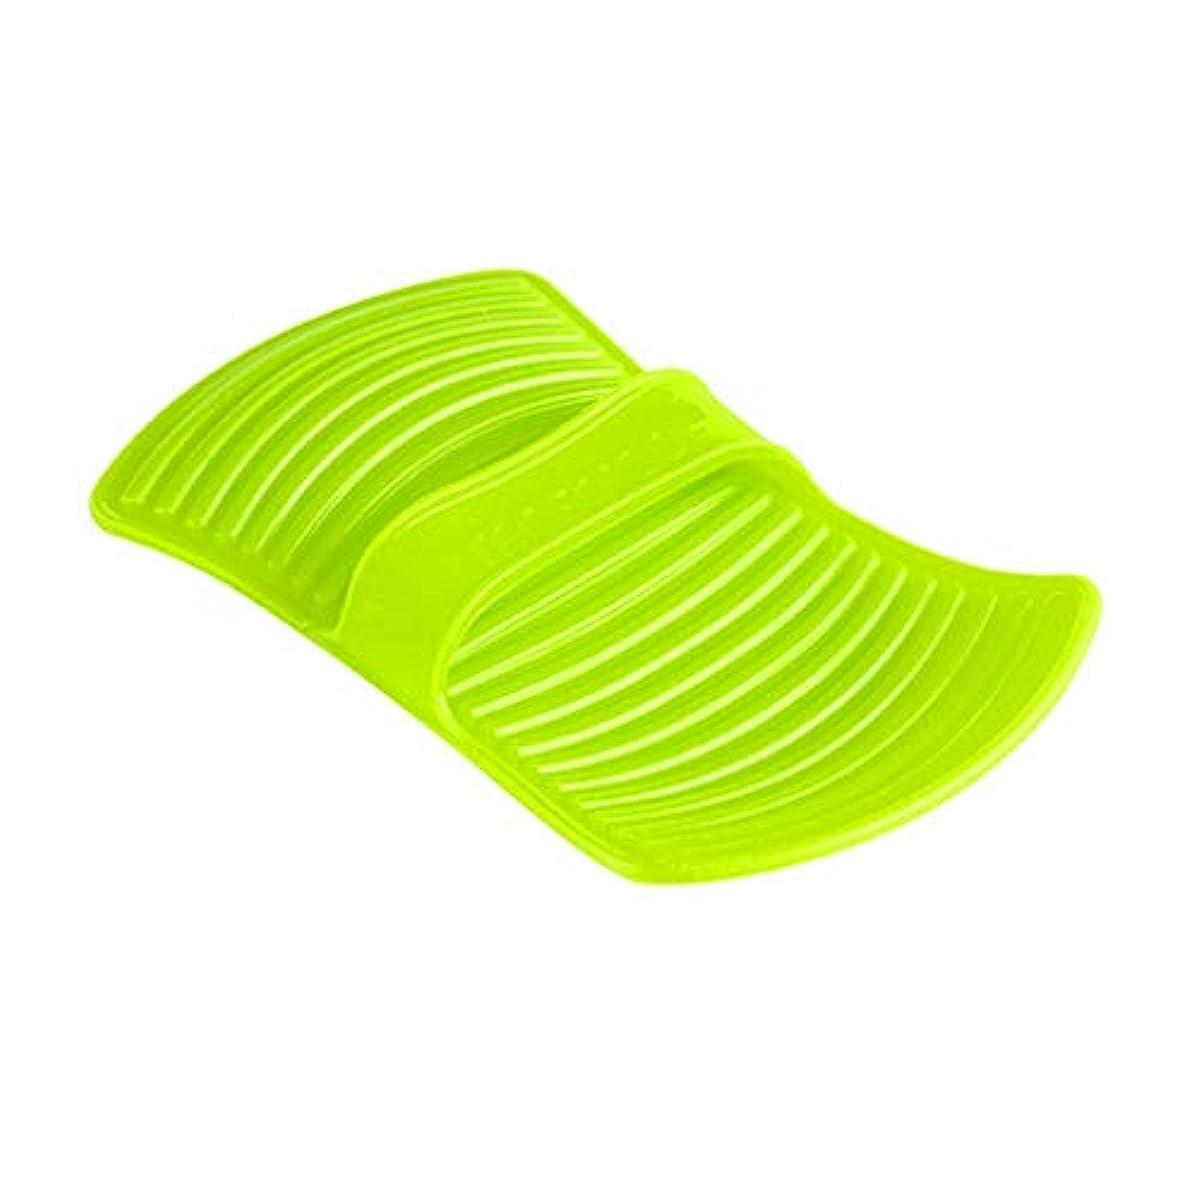 ムス放射性ひいきにするLIUXIN シリコーン断熱材不凍液手袋高温焼け防止手袋家庭用ベーキング手袋滑り止め11.7 * 20.5センチグリーン×1 ゴム手袋